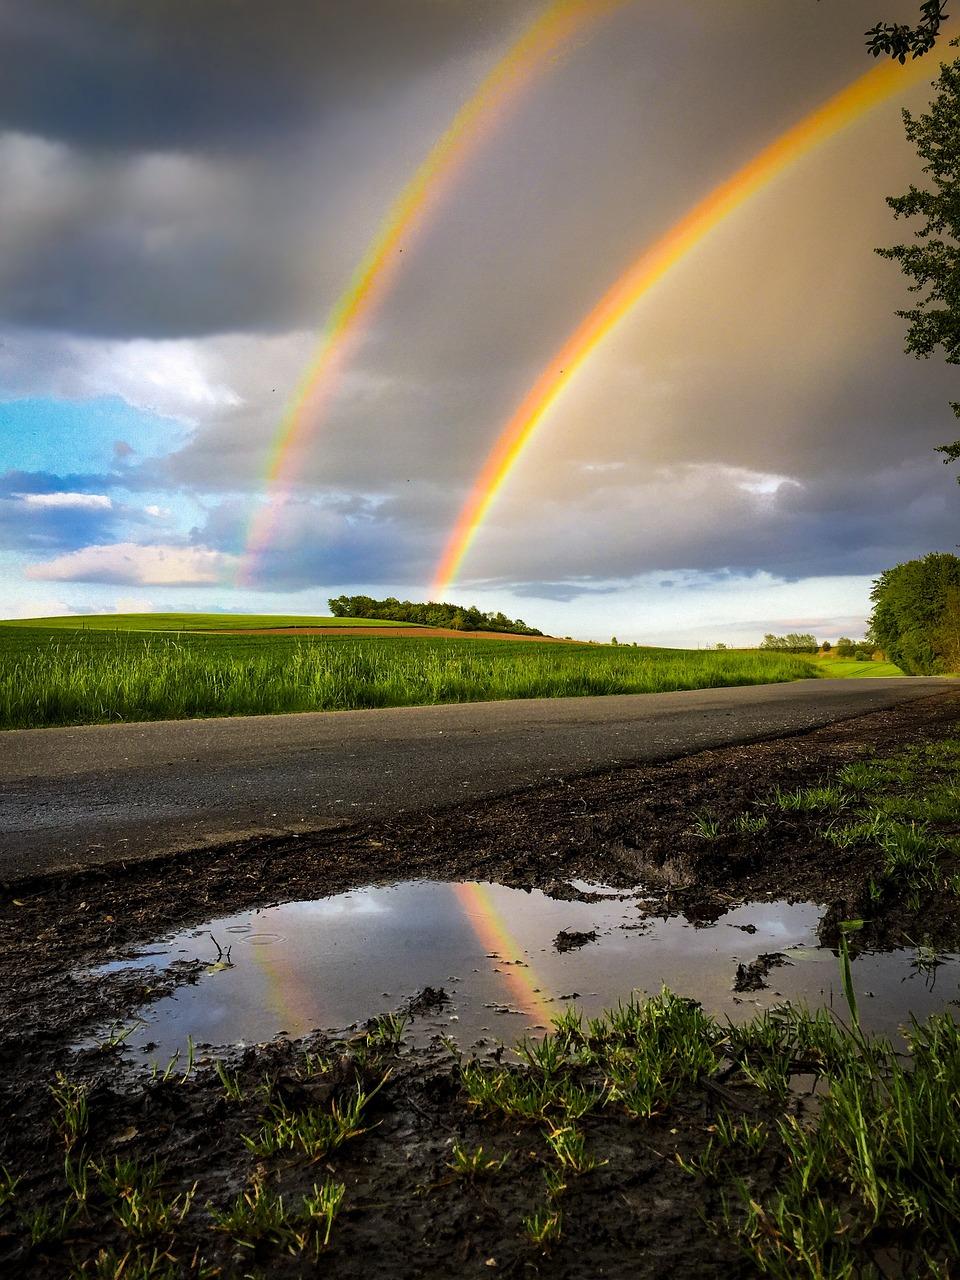 фото радуги после дождя дюма